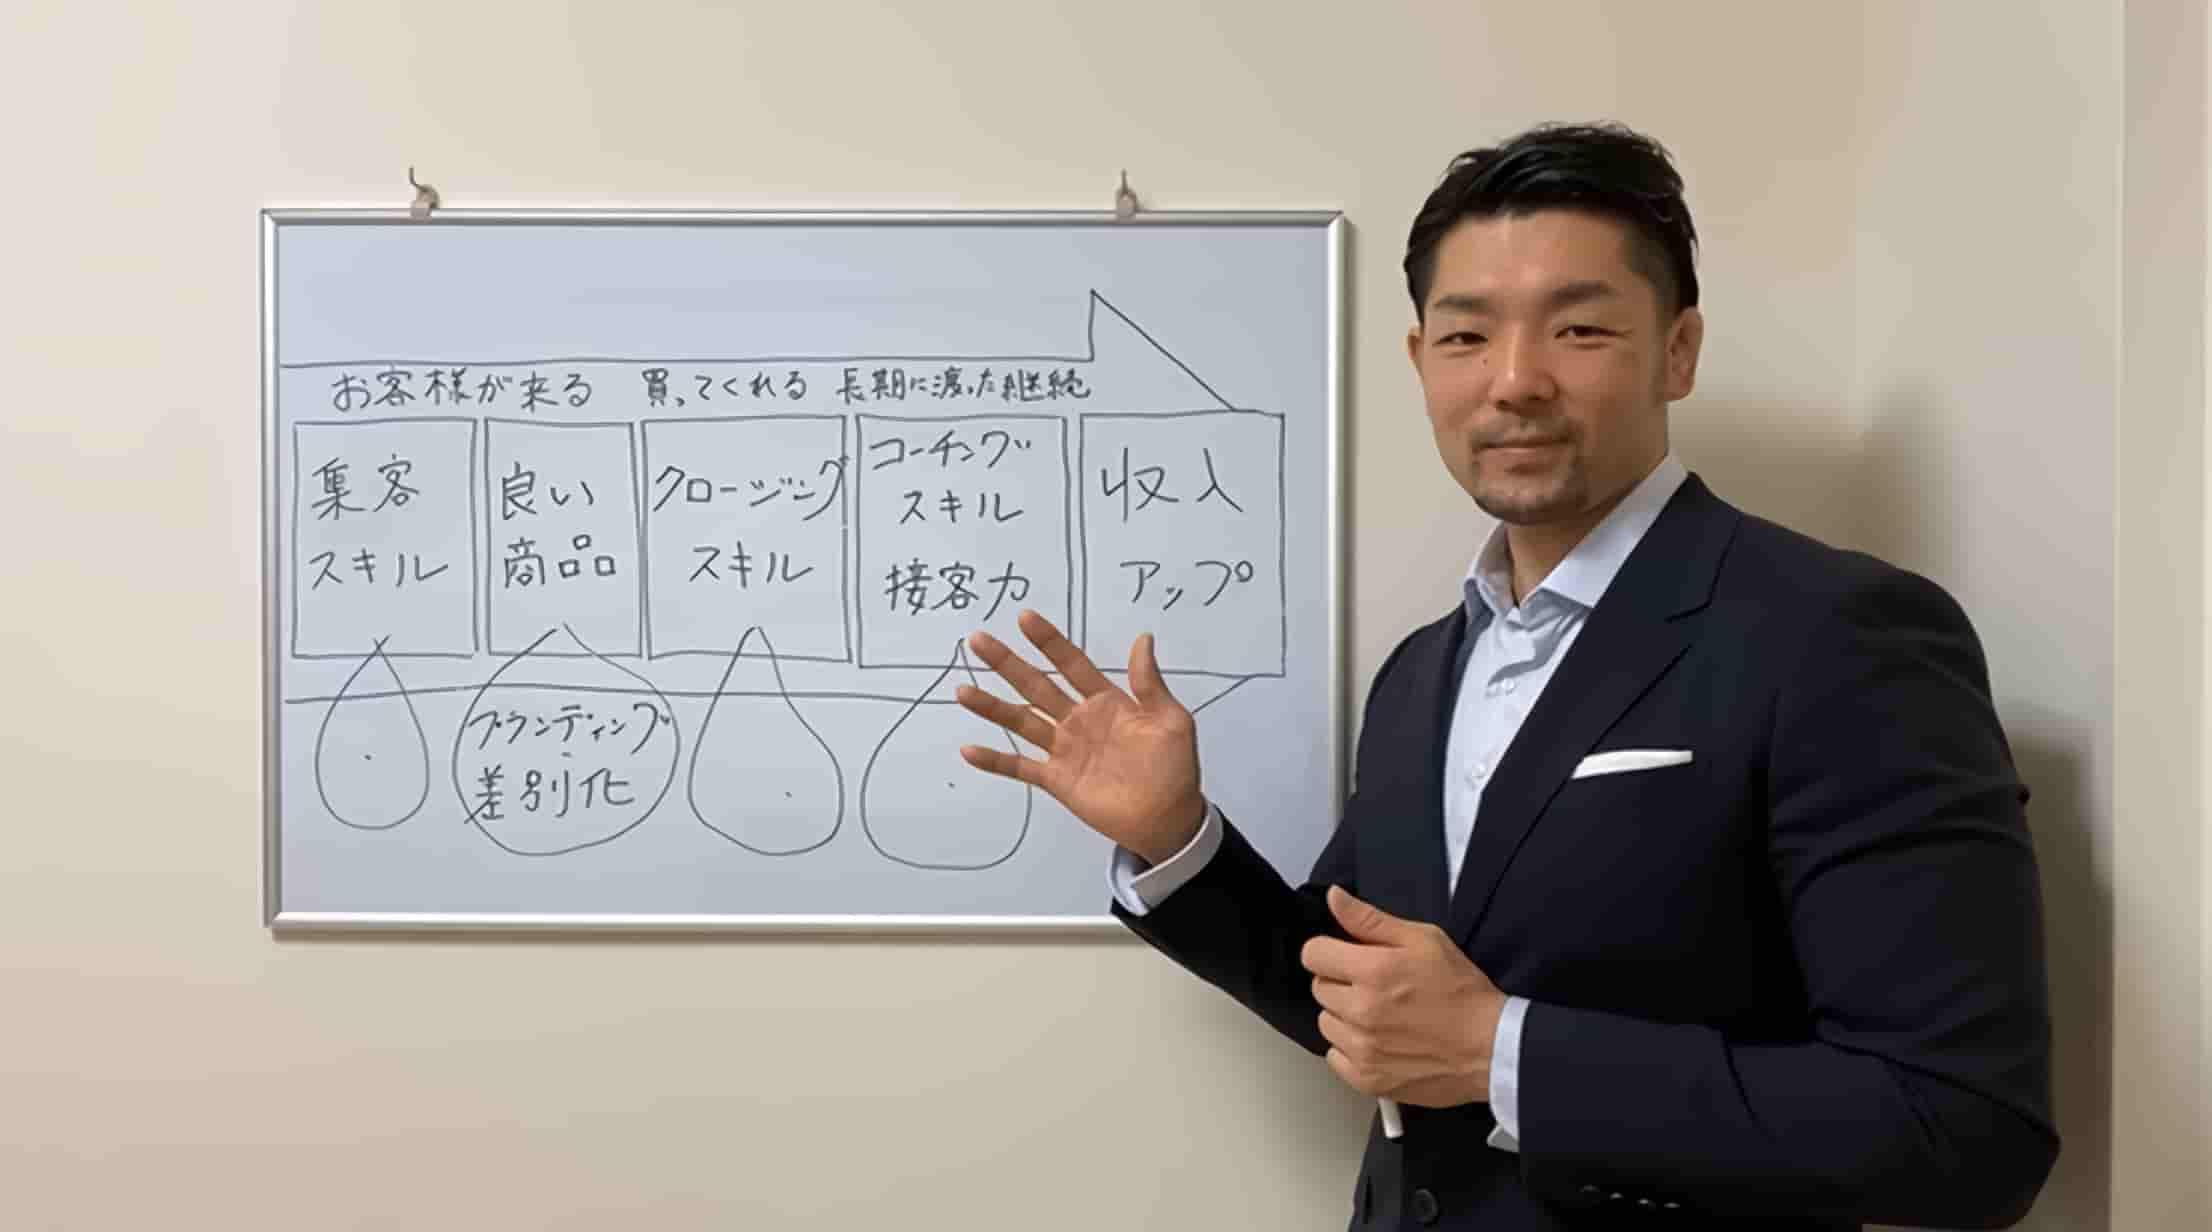 パーソナルトレーナー専門自己ブランディング経営コンサルタント安沢明也がオンラインセミナーをする様子